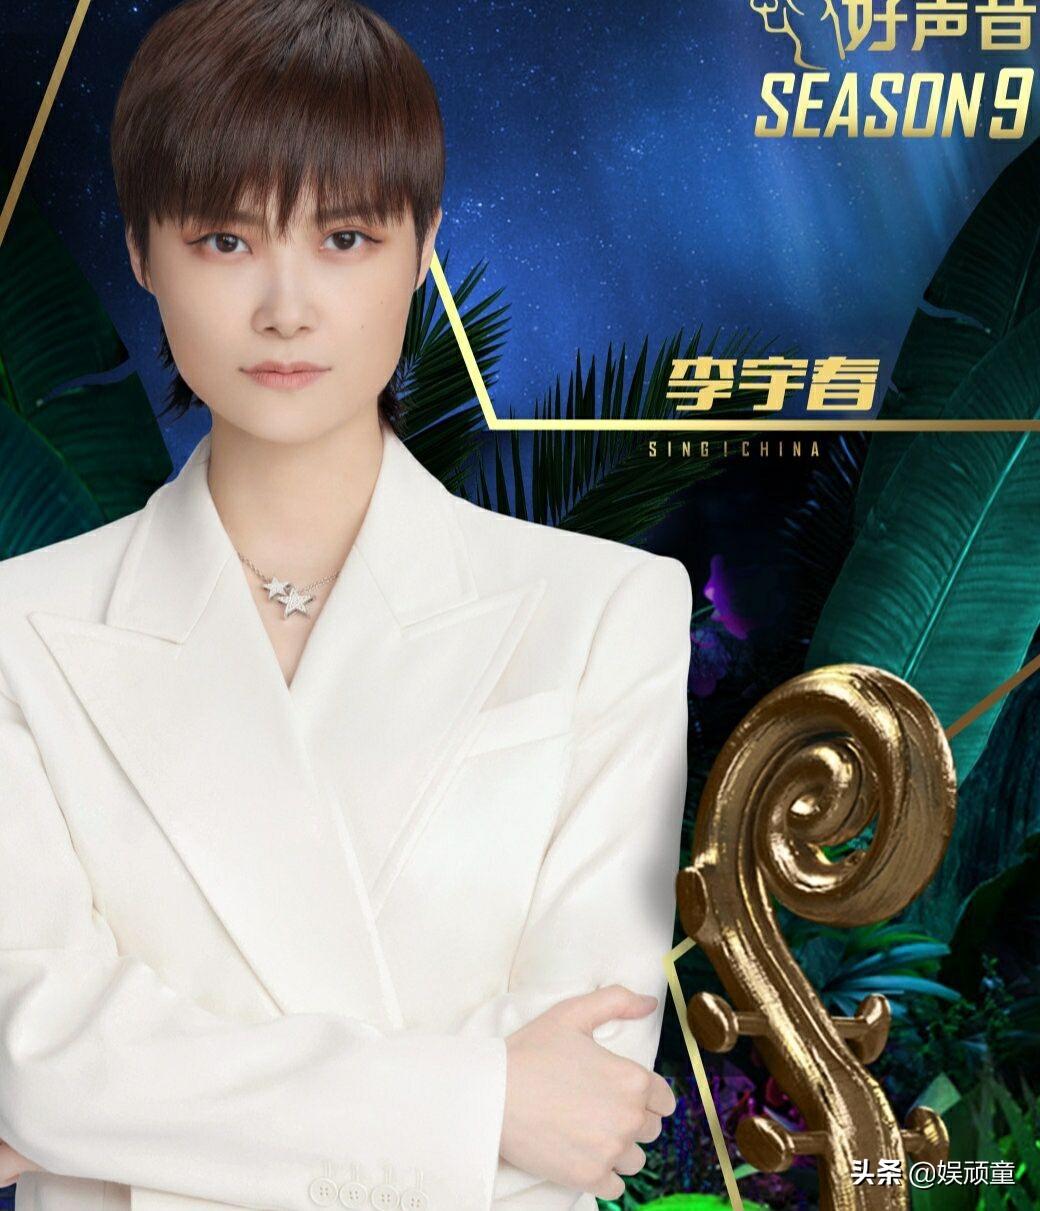 《中国好声音》开场秀,谢霆锋唱《传奇》,李宇春演唱曲目最意外